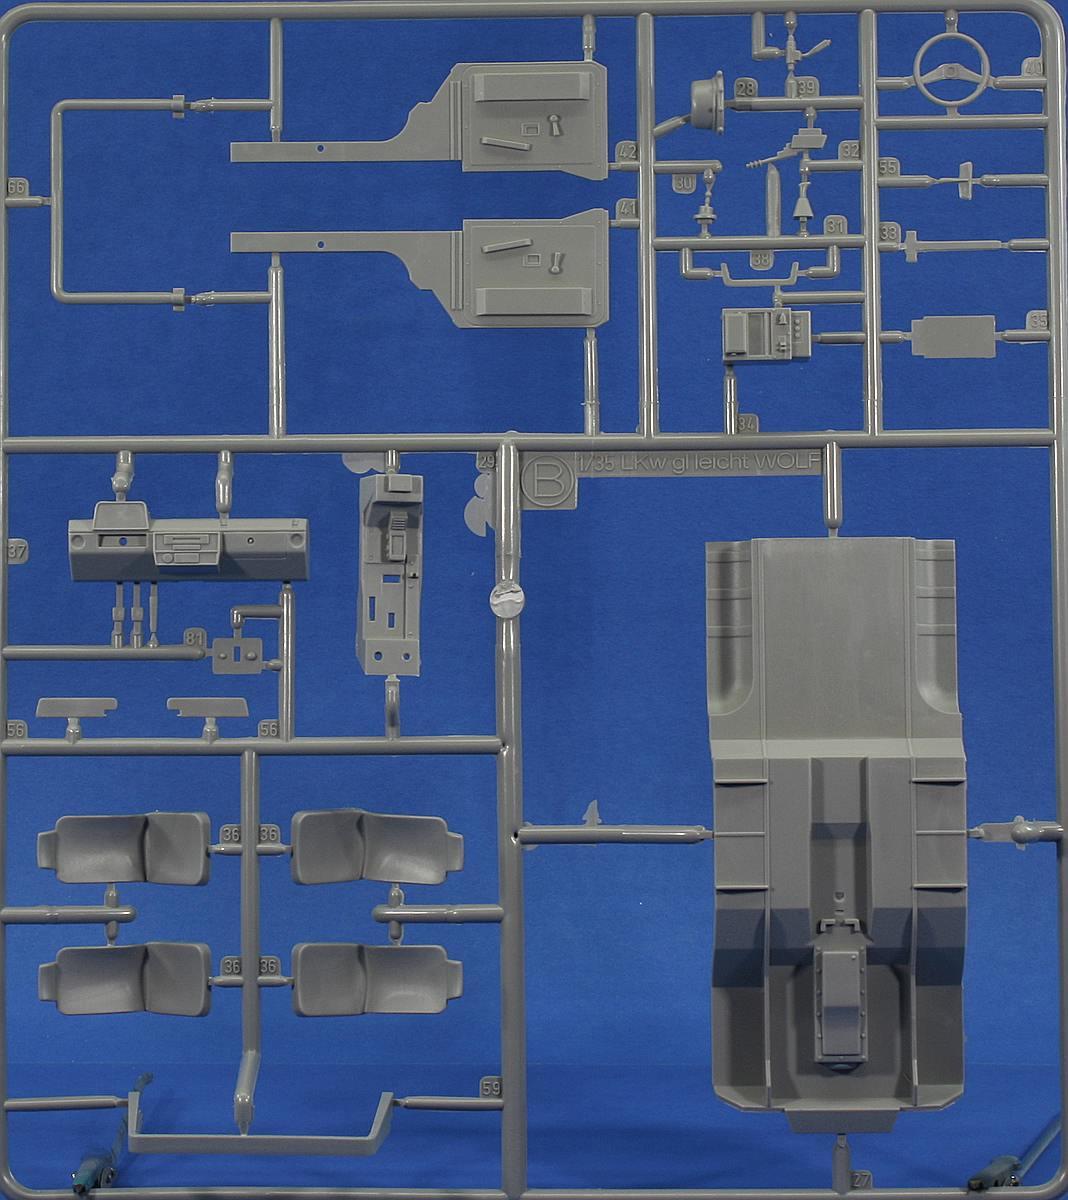 Revell-03277-LKW-gl-leicht-Wolf-13 LKW gl le WOLF in 1:35 von Revell 03277